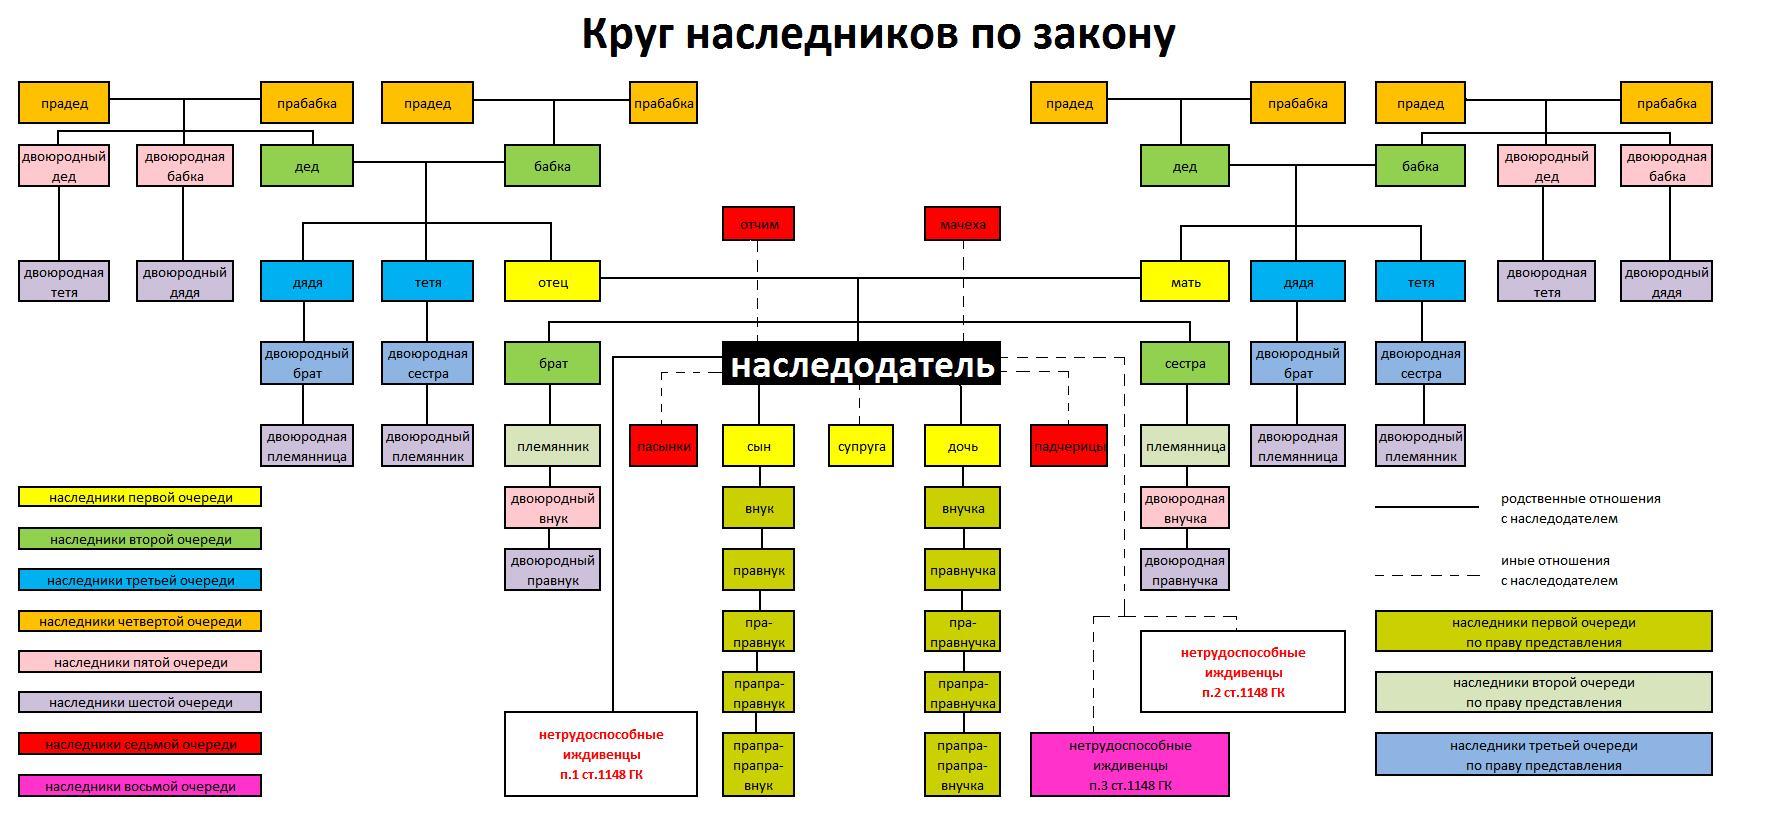 Очередность наследования по закону схема